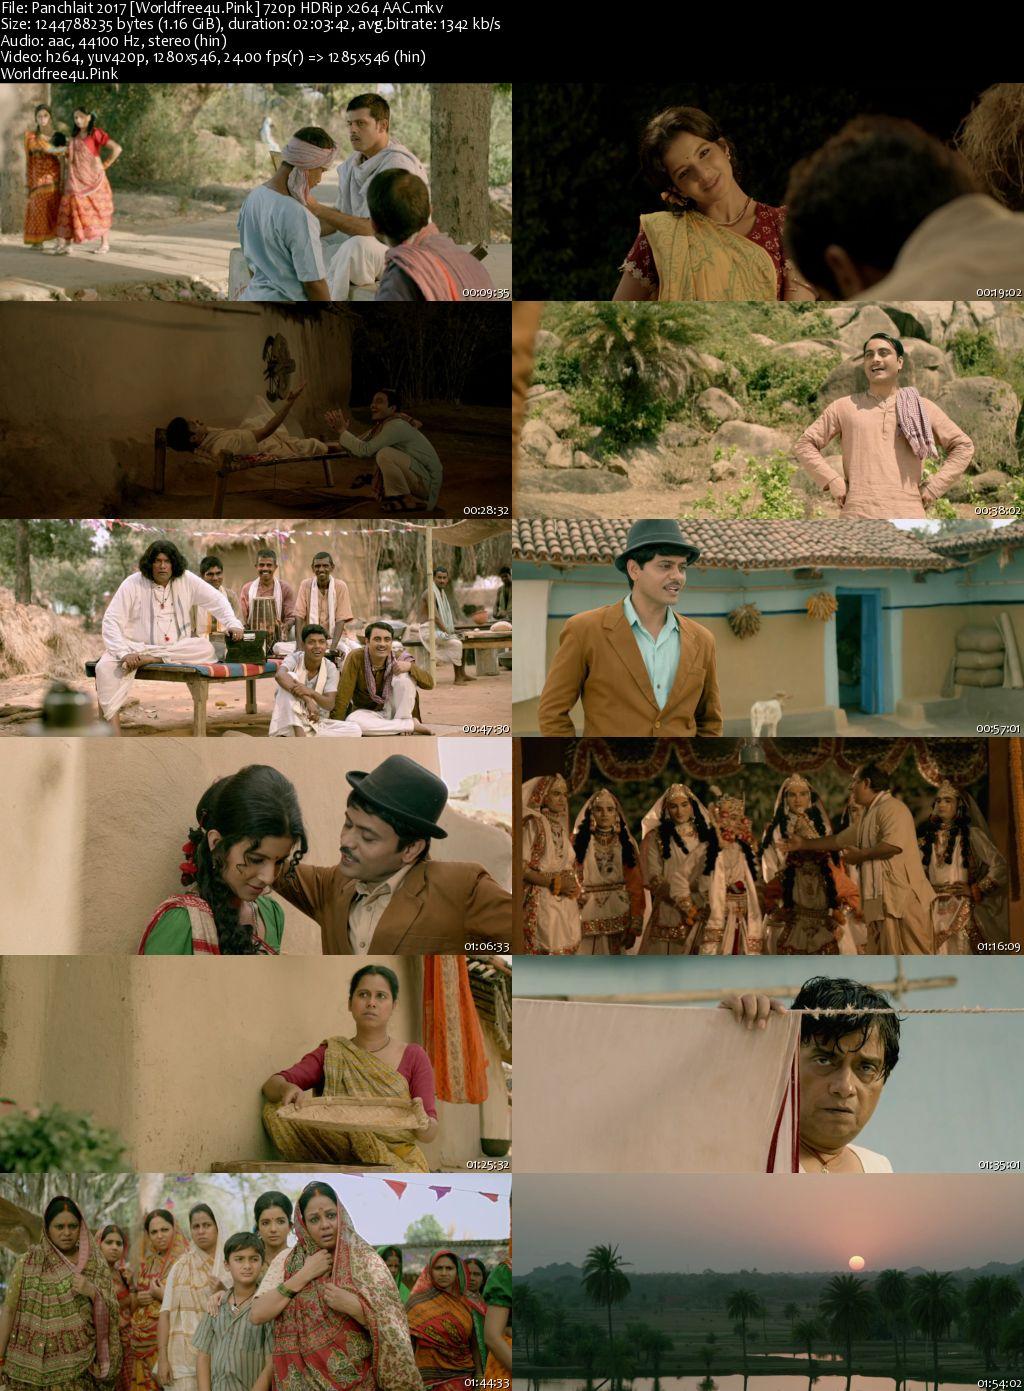 Panchlait 2017 Hindi HDRip 720p